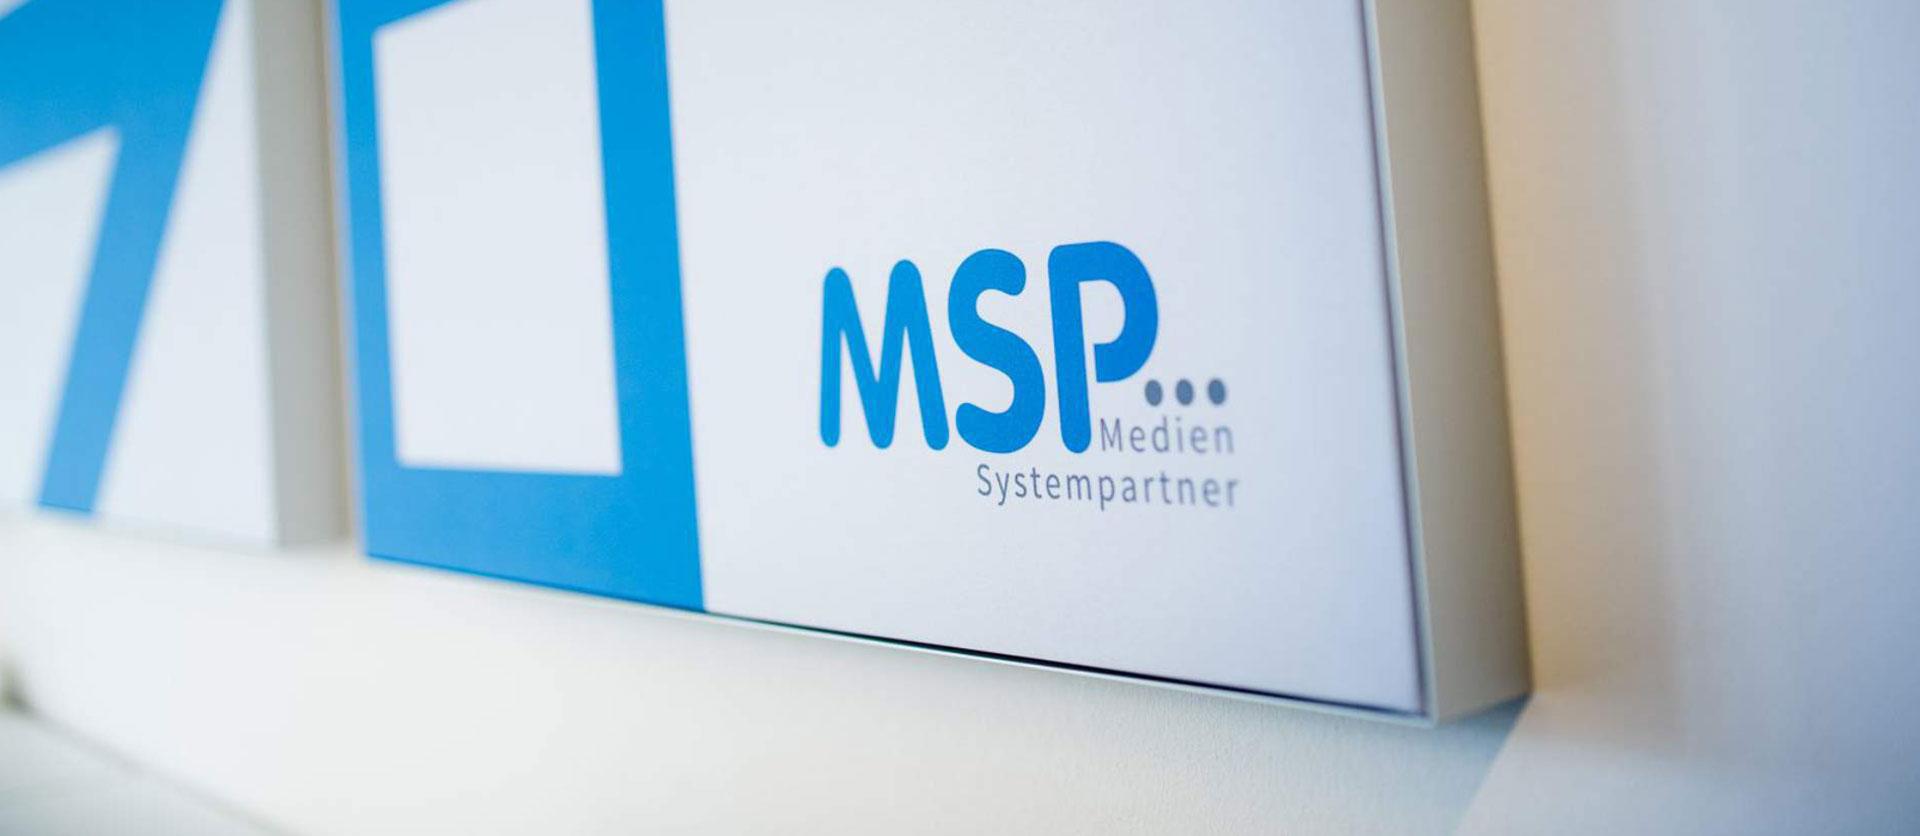 MSP - Medien Systempartner